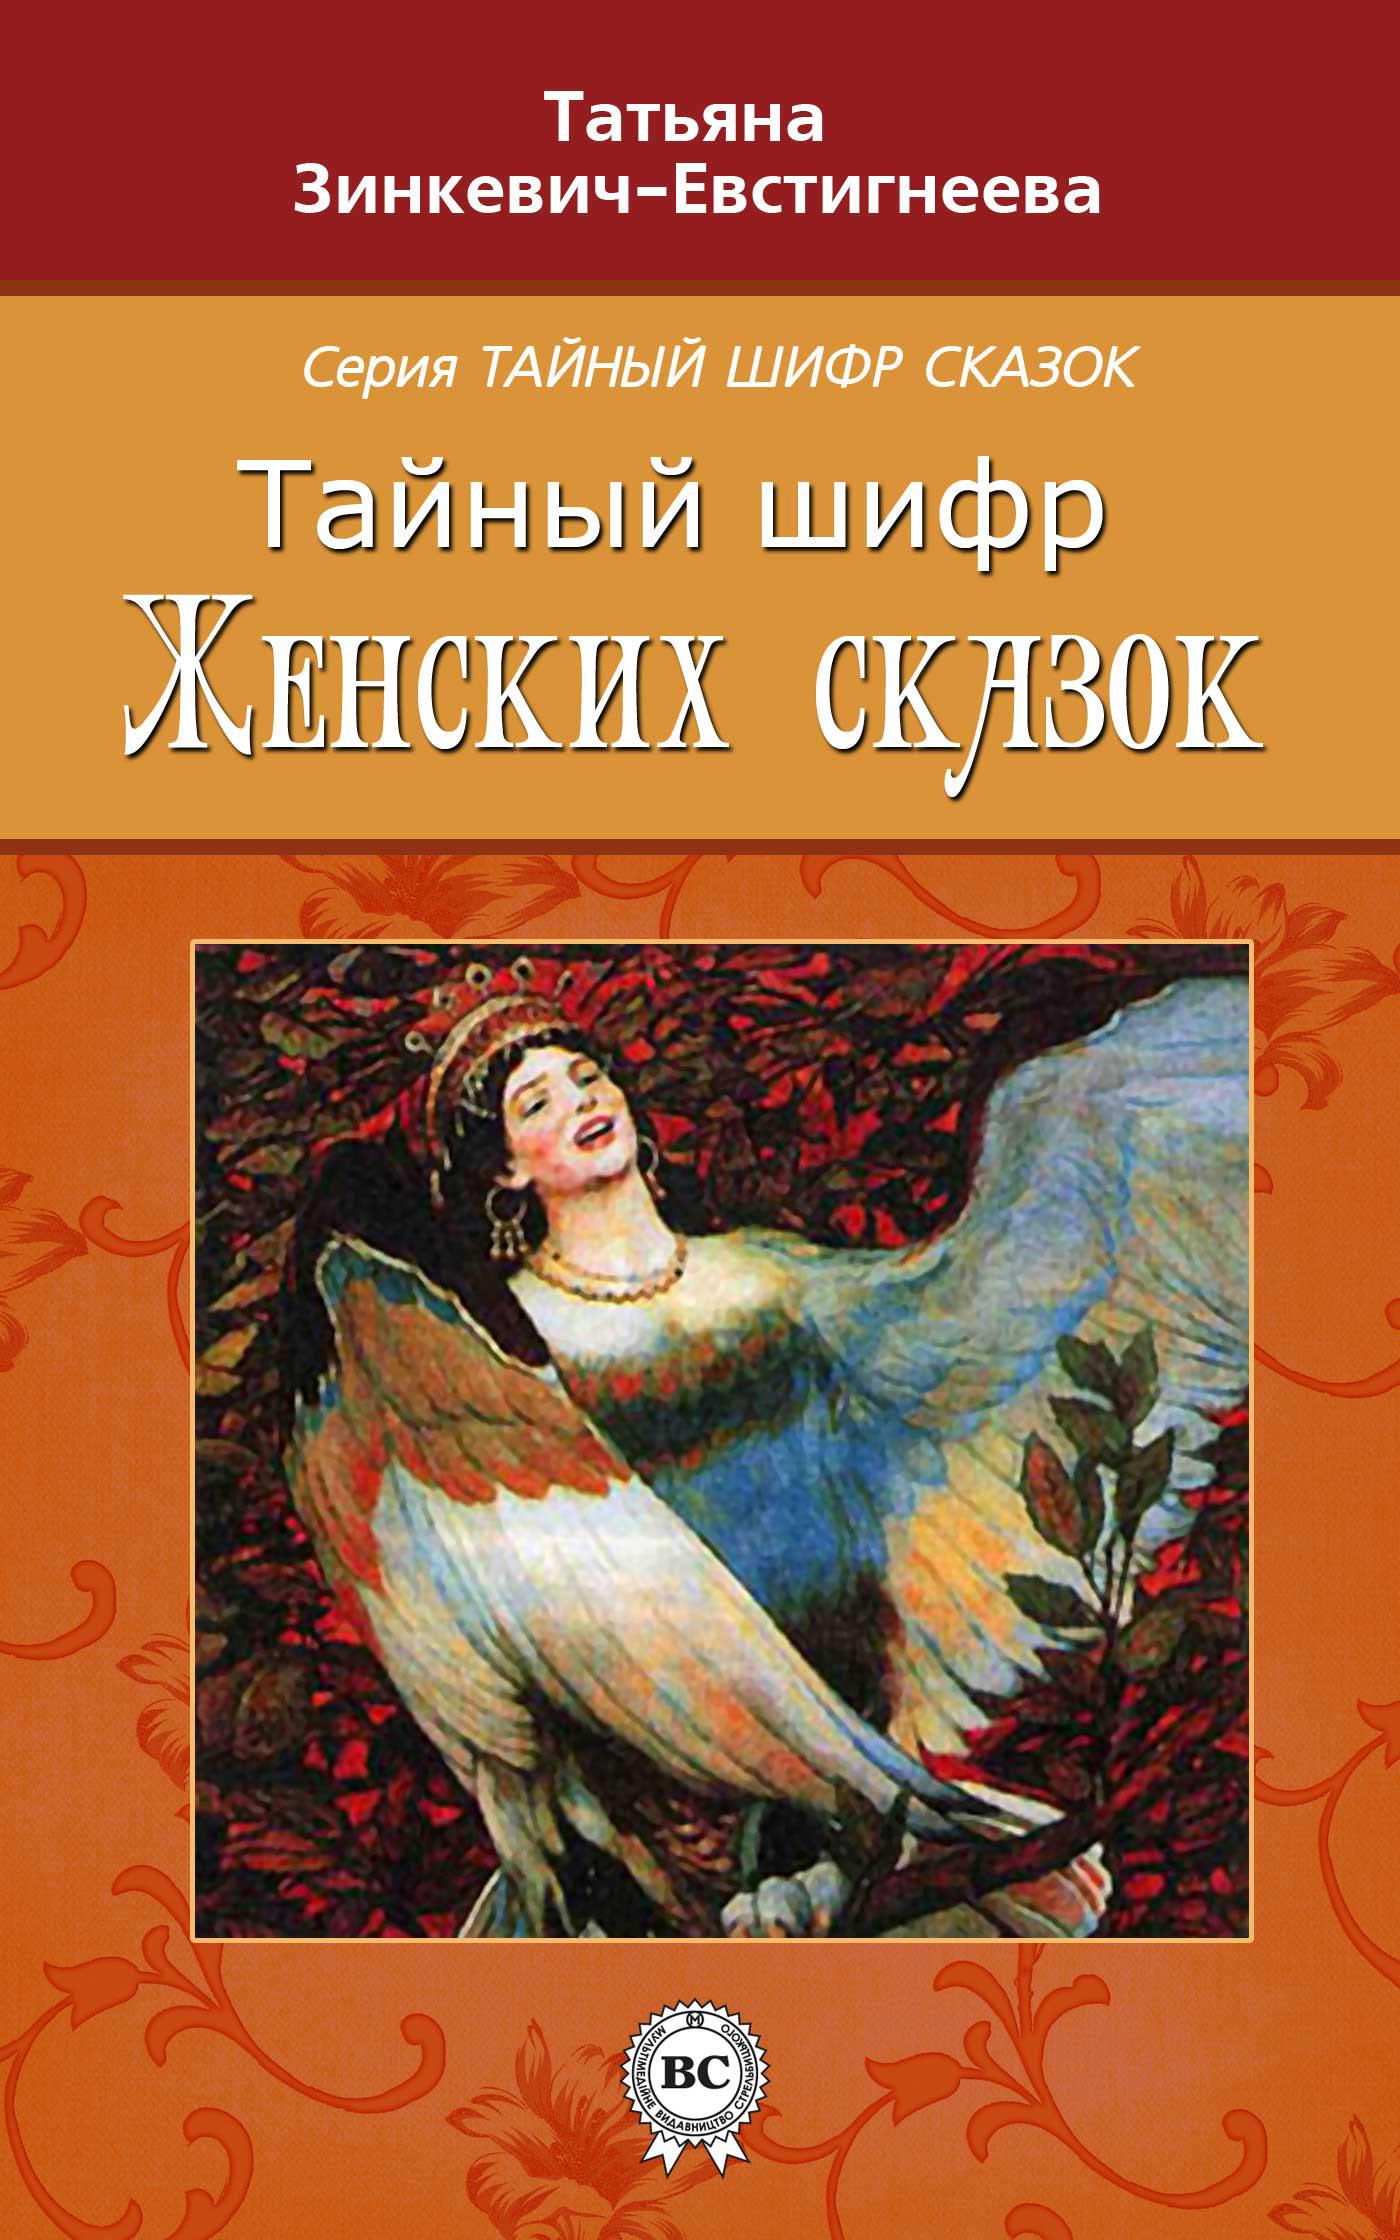 все цены на Татьяна Зинкевич-Евстигнеева Тайный шифр женских сказок онлайн